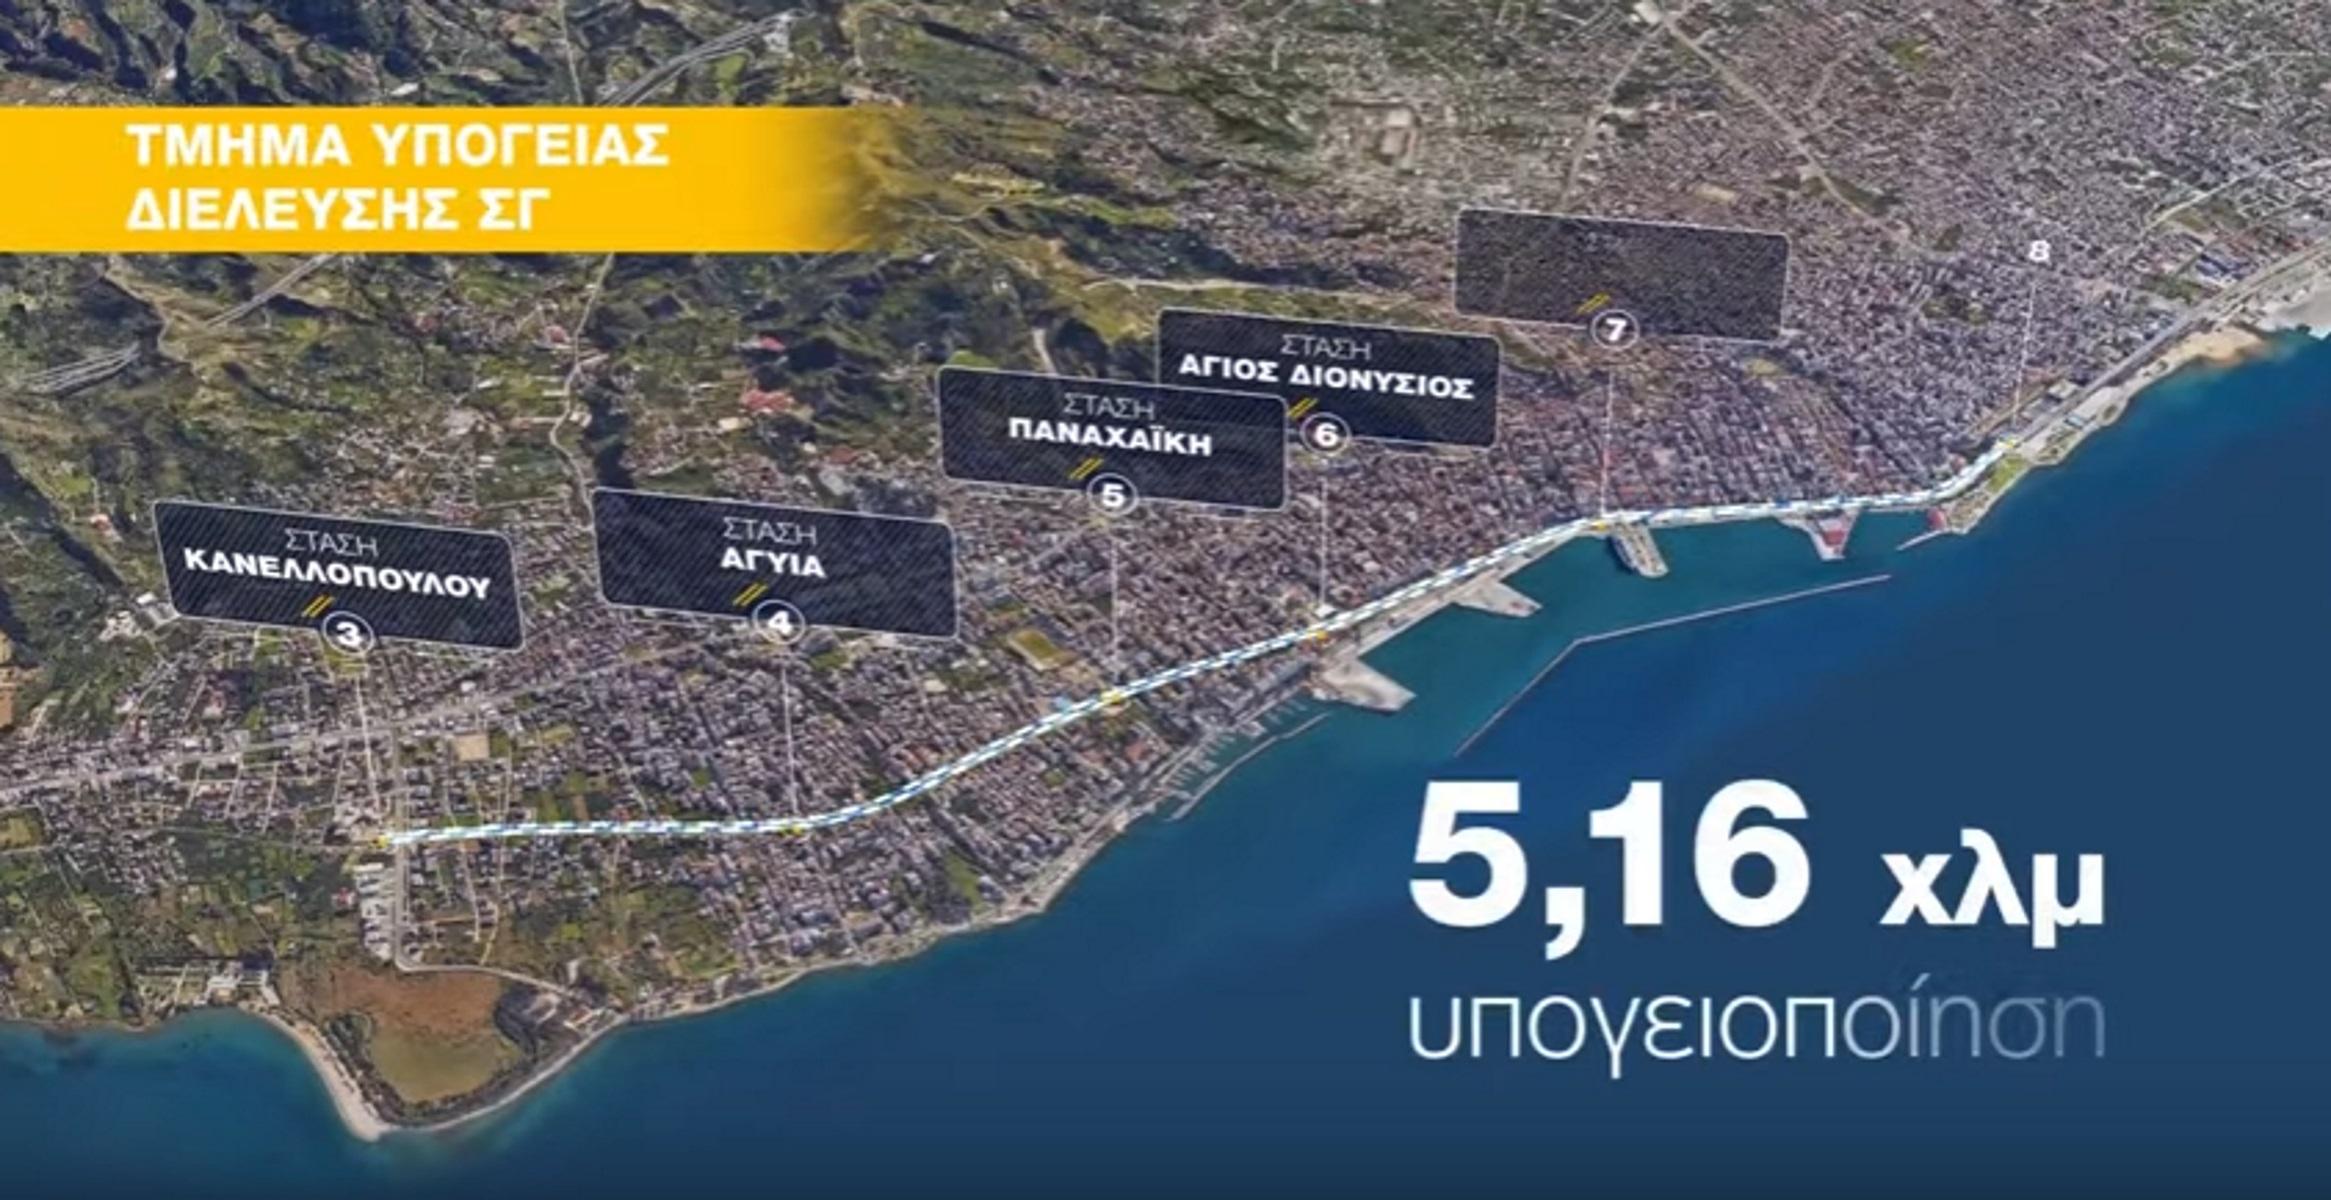 Αυτό είναι το κυβερνητικό σχέδιο για το τρένο στην Πάτρα – Υπογειοποίηση 5, 16 χλμ.